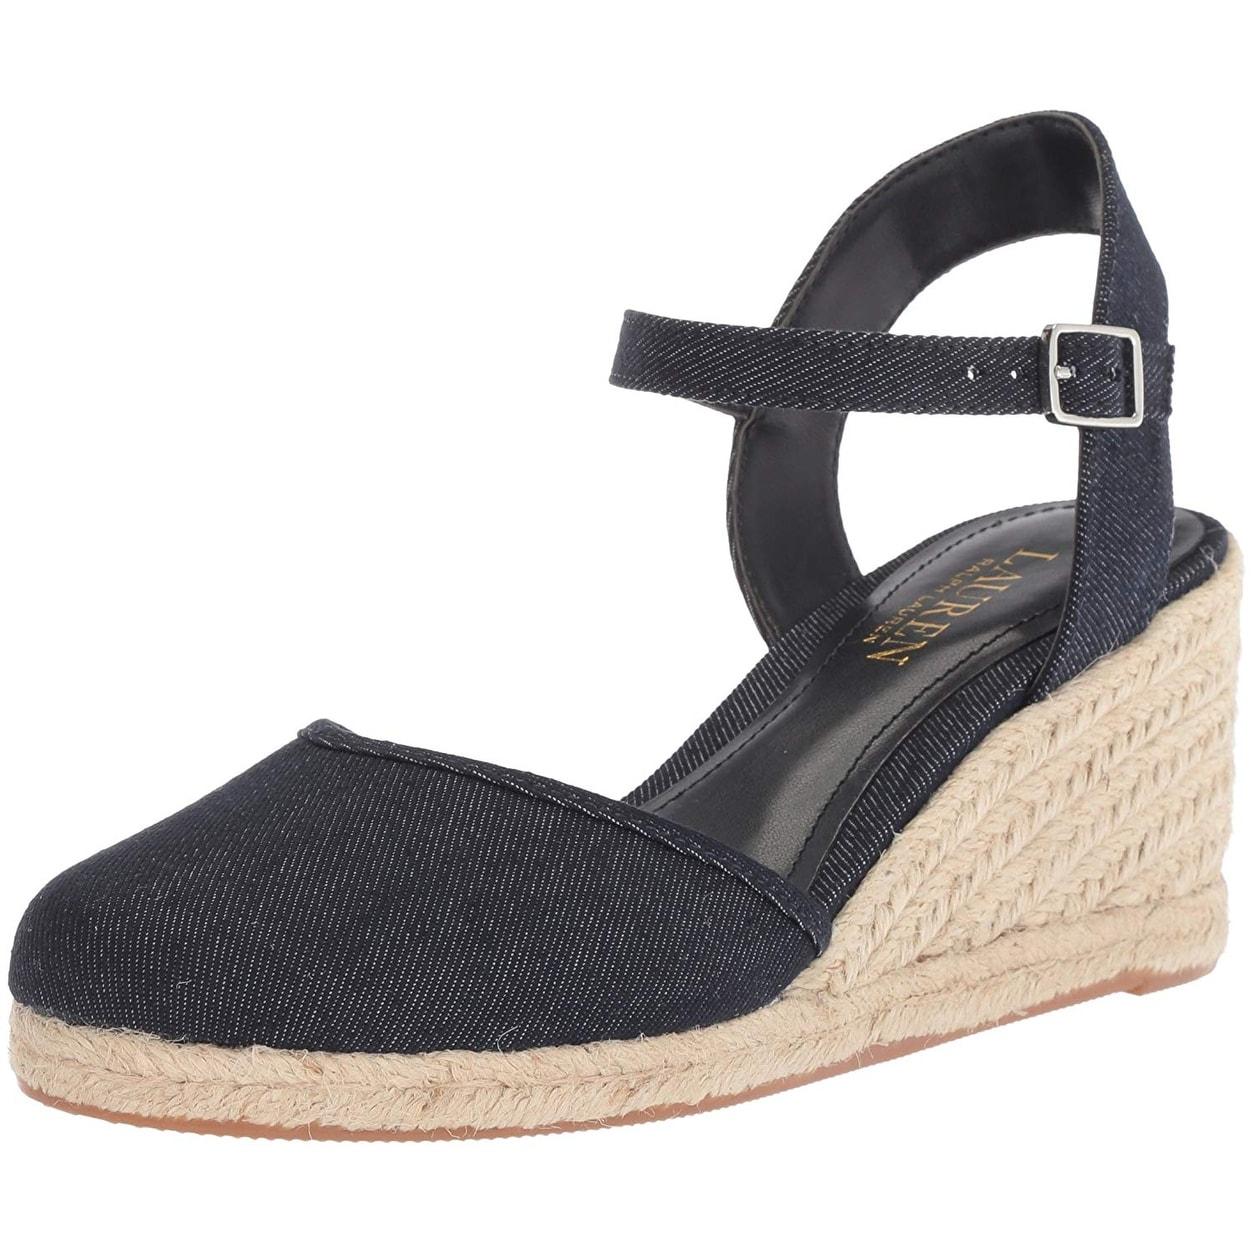 d0fbb522c95 Buy Platform Lauren by Ralph Lauren Women's Sandals Online at ...